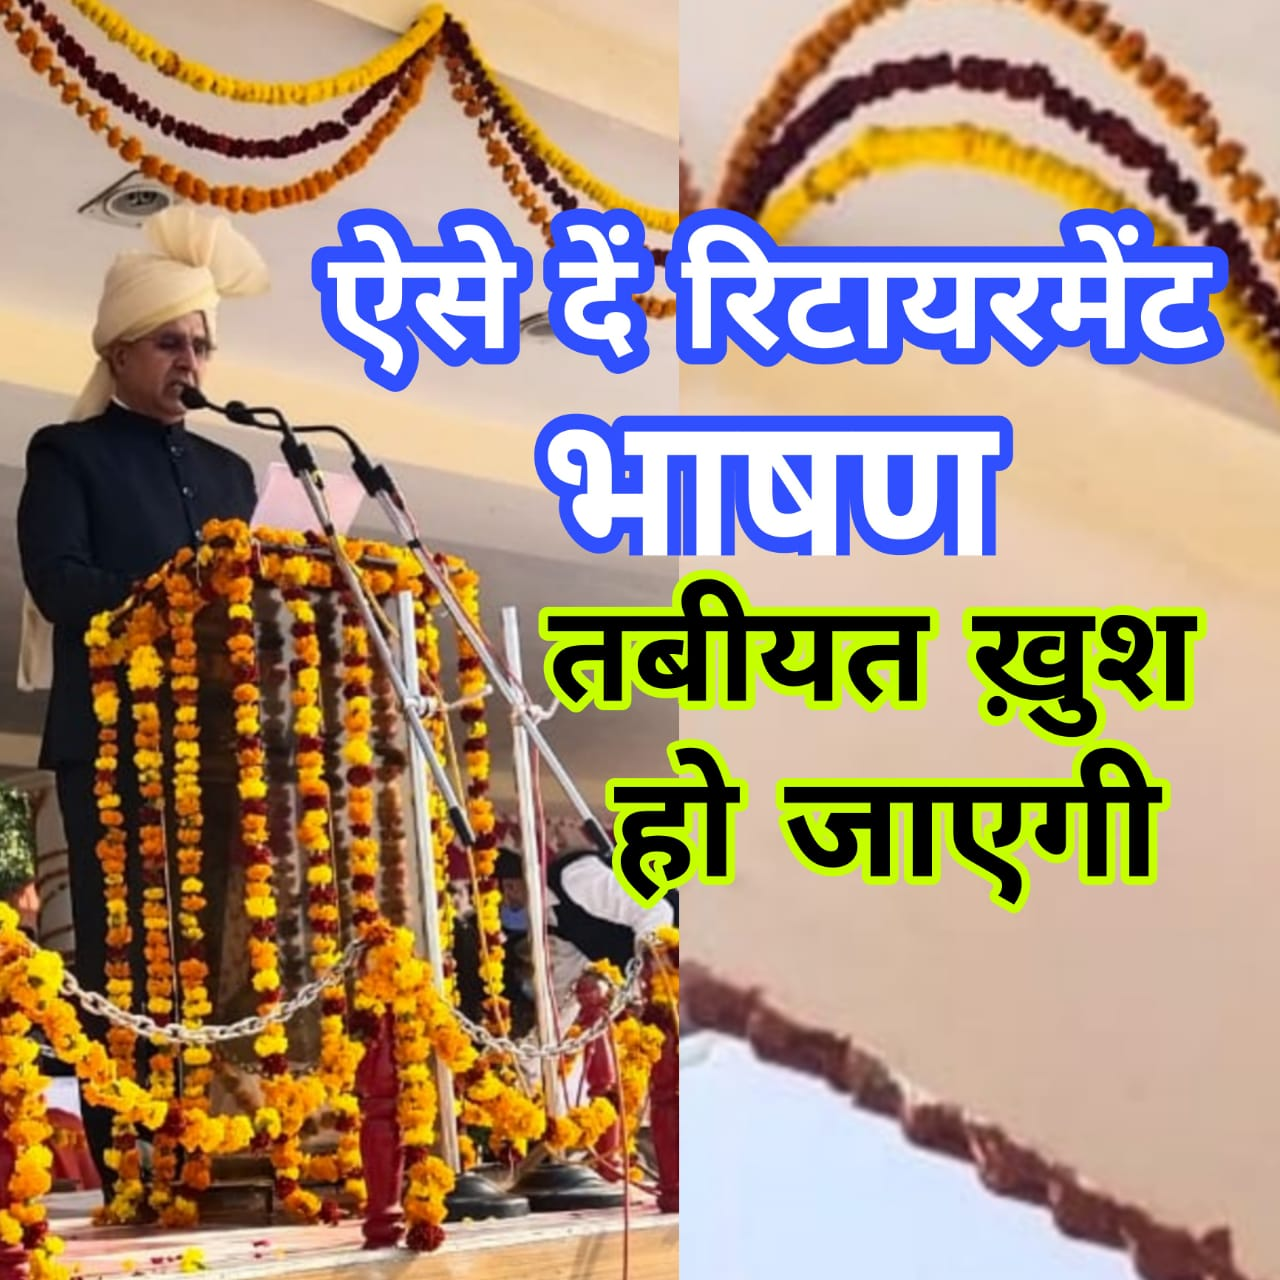 Retirement Speech . Farewell Speech For Retirement Function.<br>Retirement Shayari.<br>Public speaking Tips For Retirement.सेवानिवृति भाषण Satish Kumar